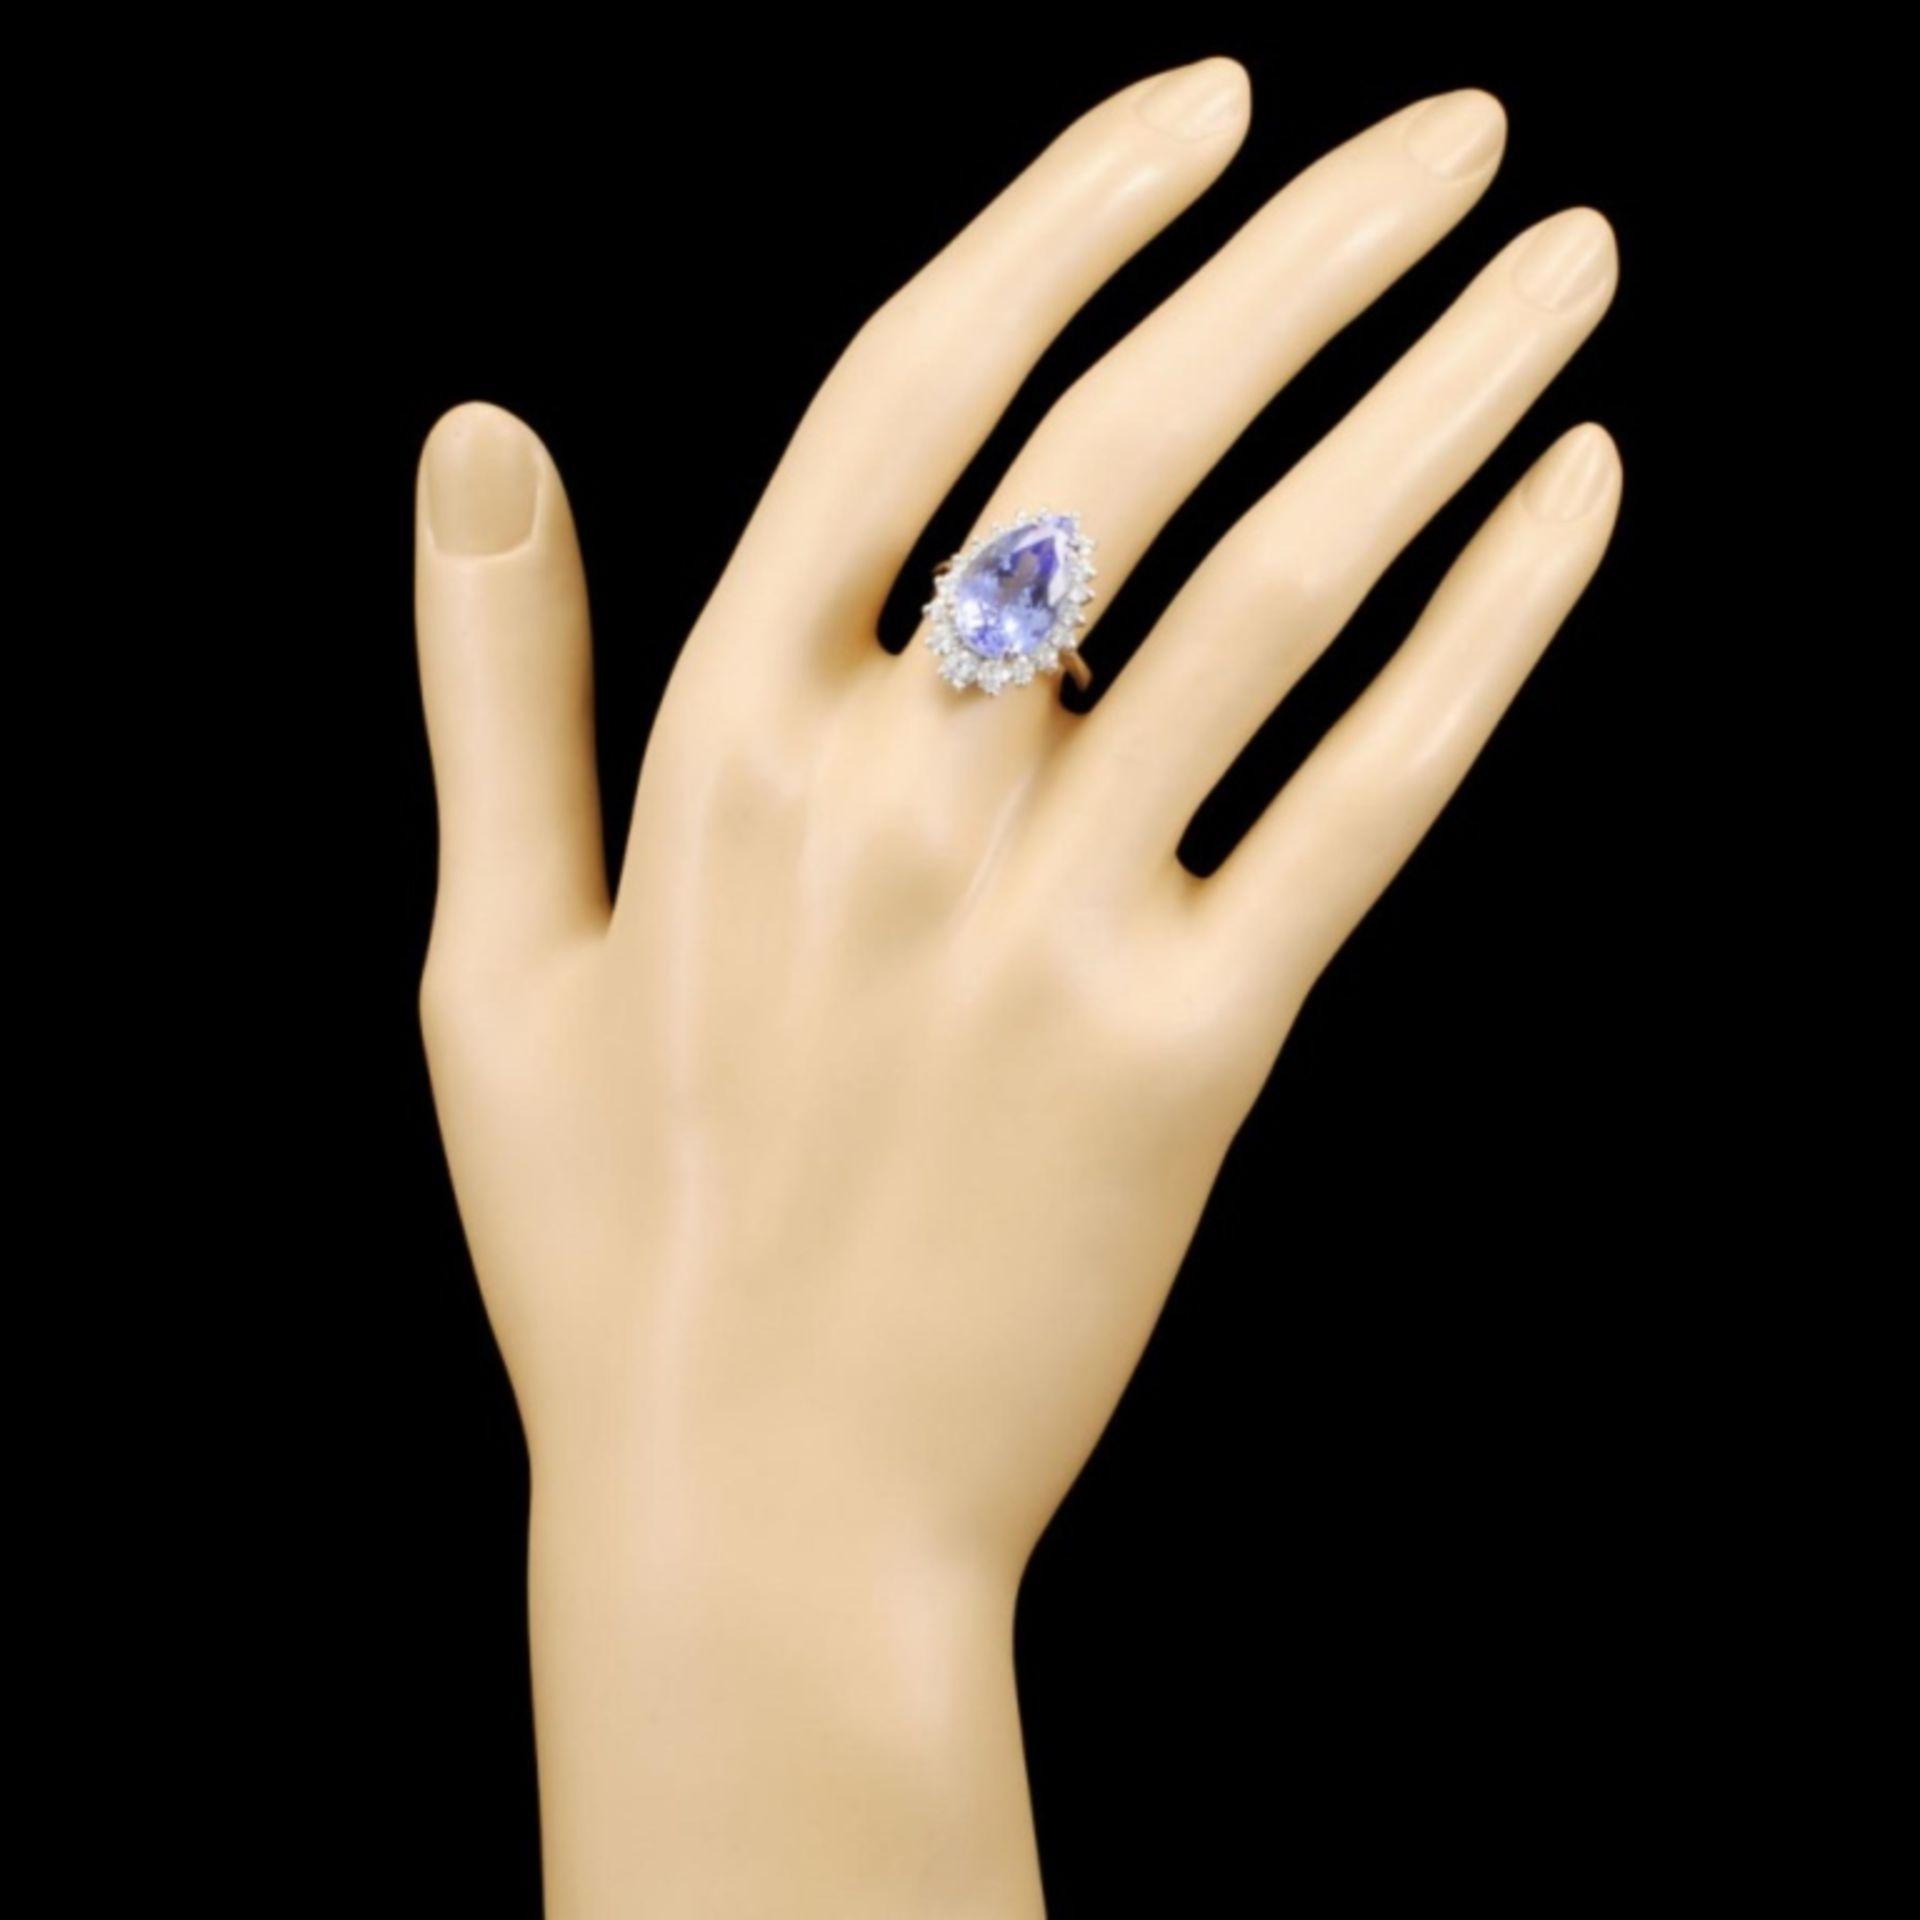 14K Gold 7.07ct Tanzanite & 1.01ctw Diamond Ring - Image 4 of 5